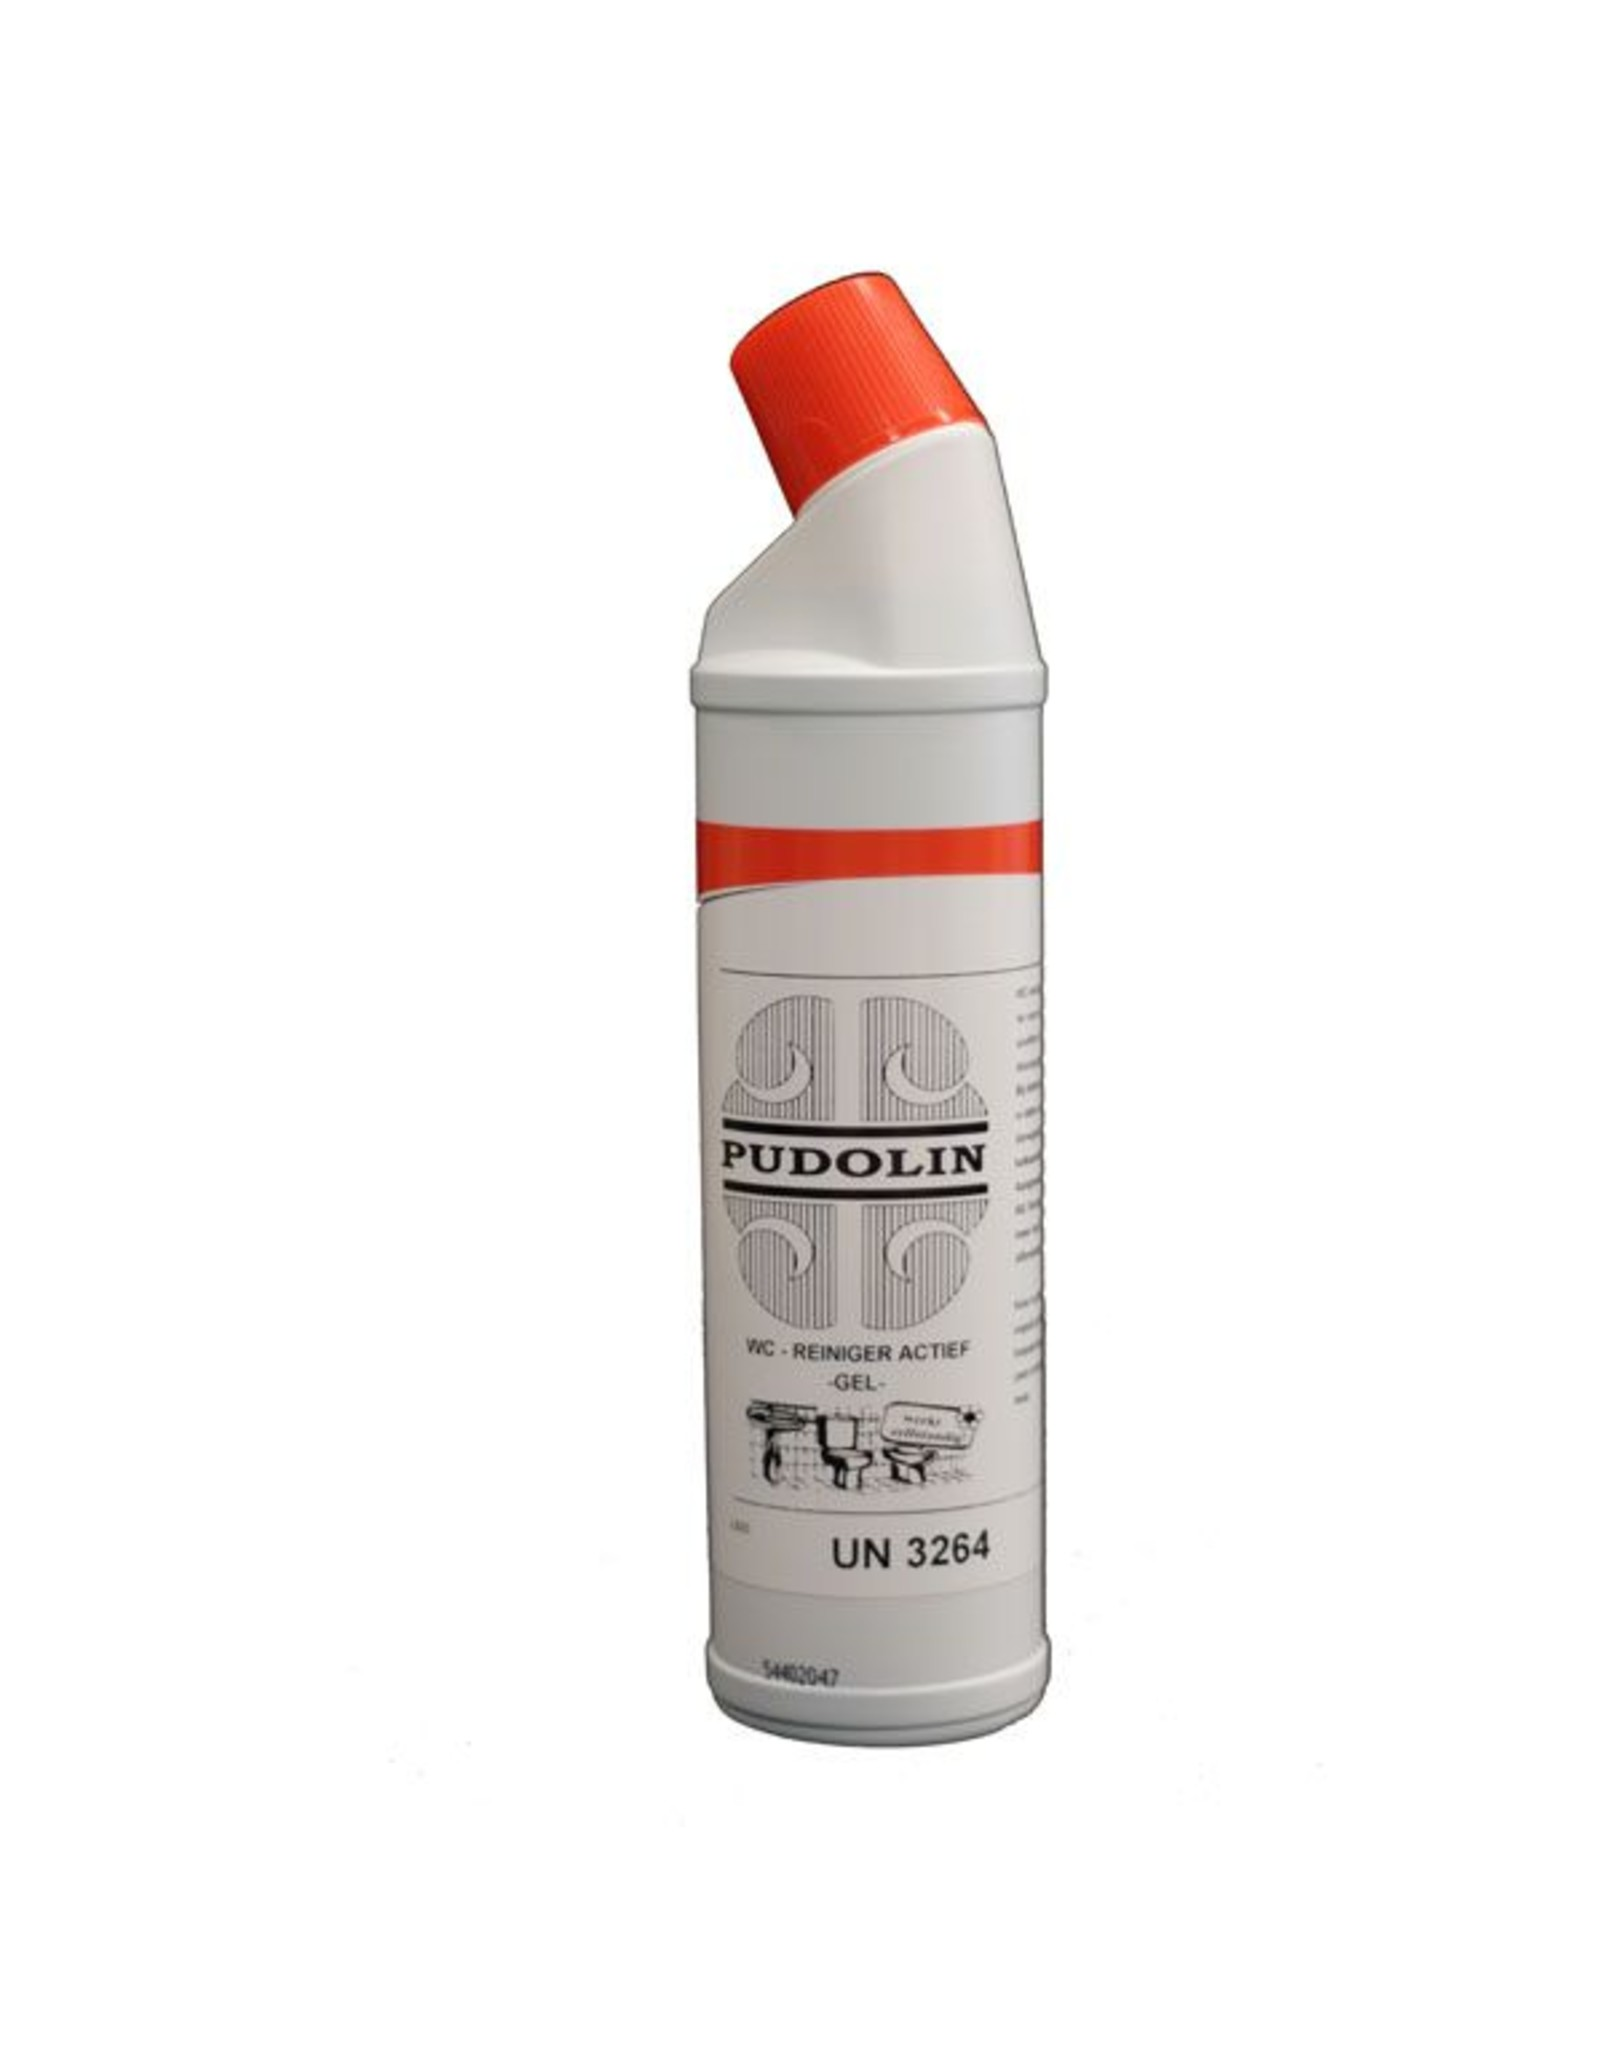 PUDOL WC reiniger Pudolin actief gel 750 ml.